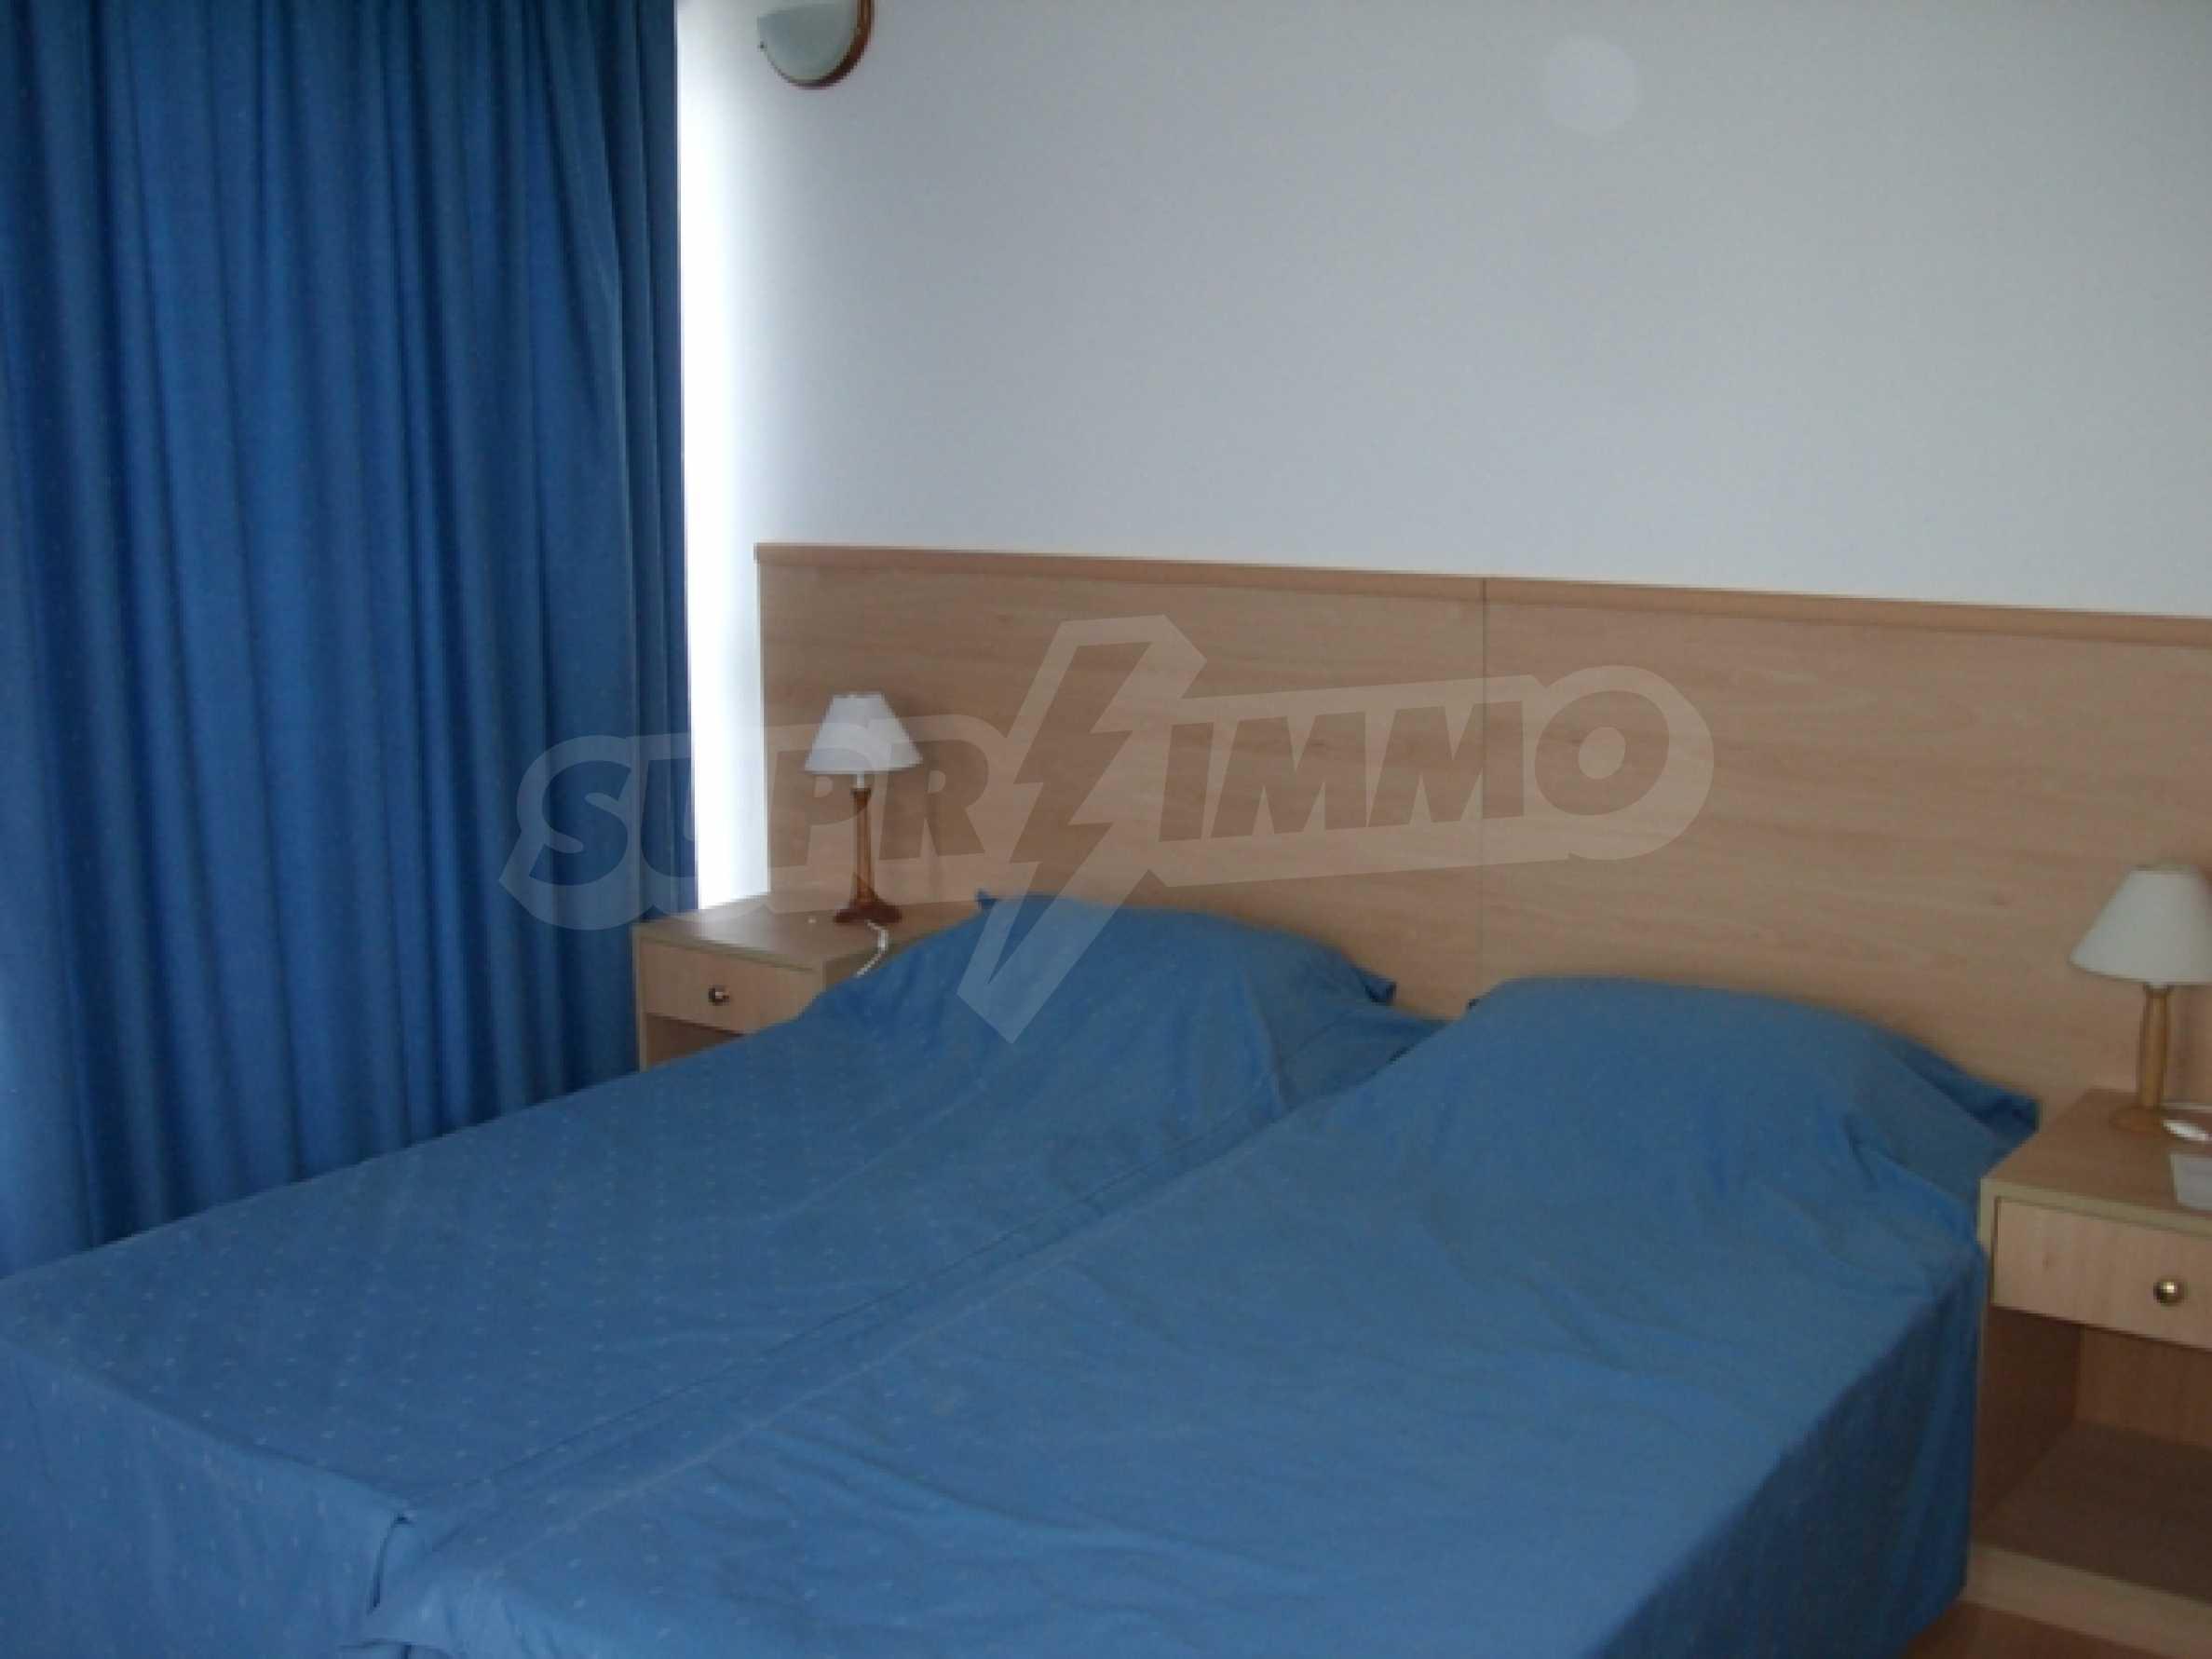 Zwei-Zimmer-Wohnung in Sunny House 1